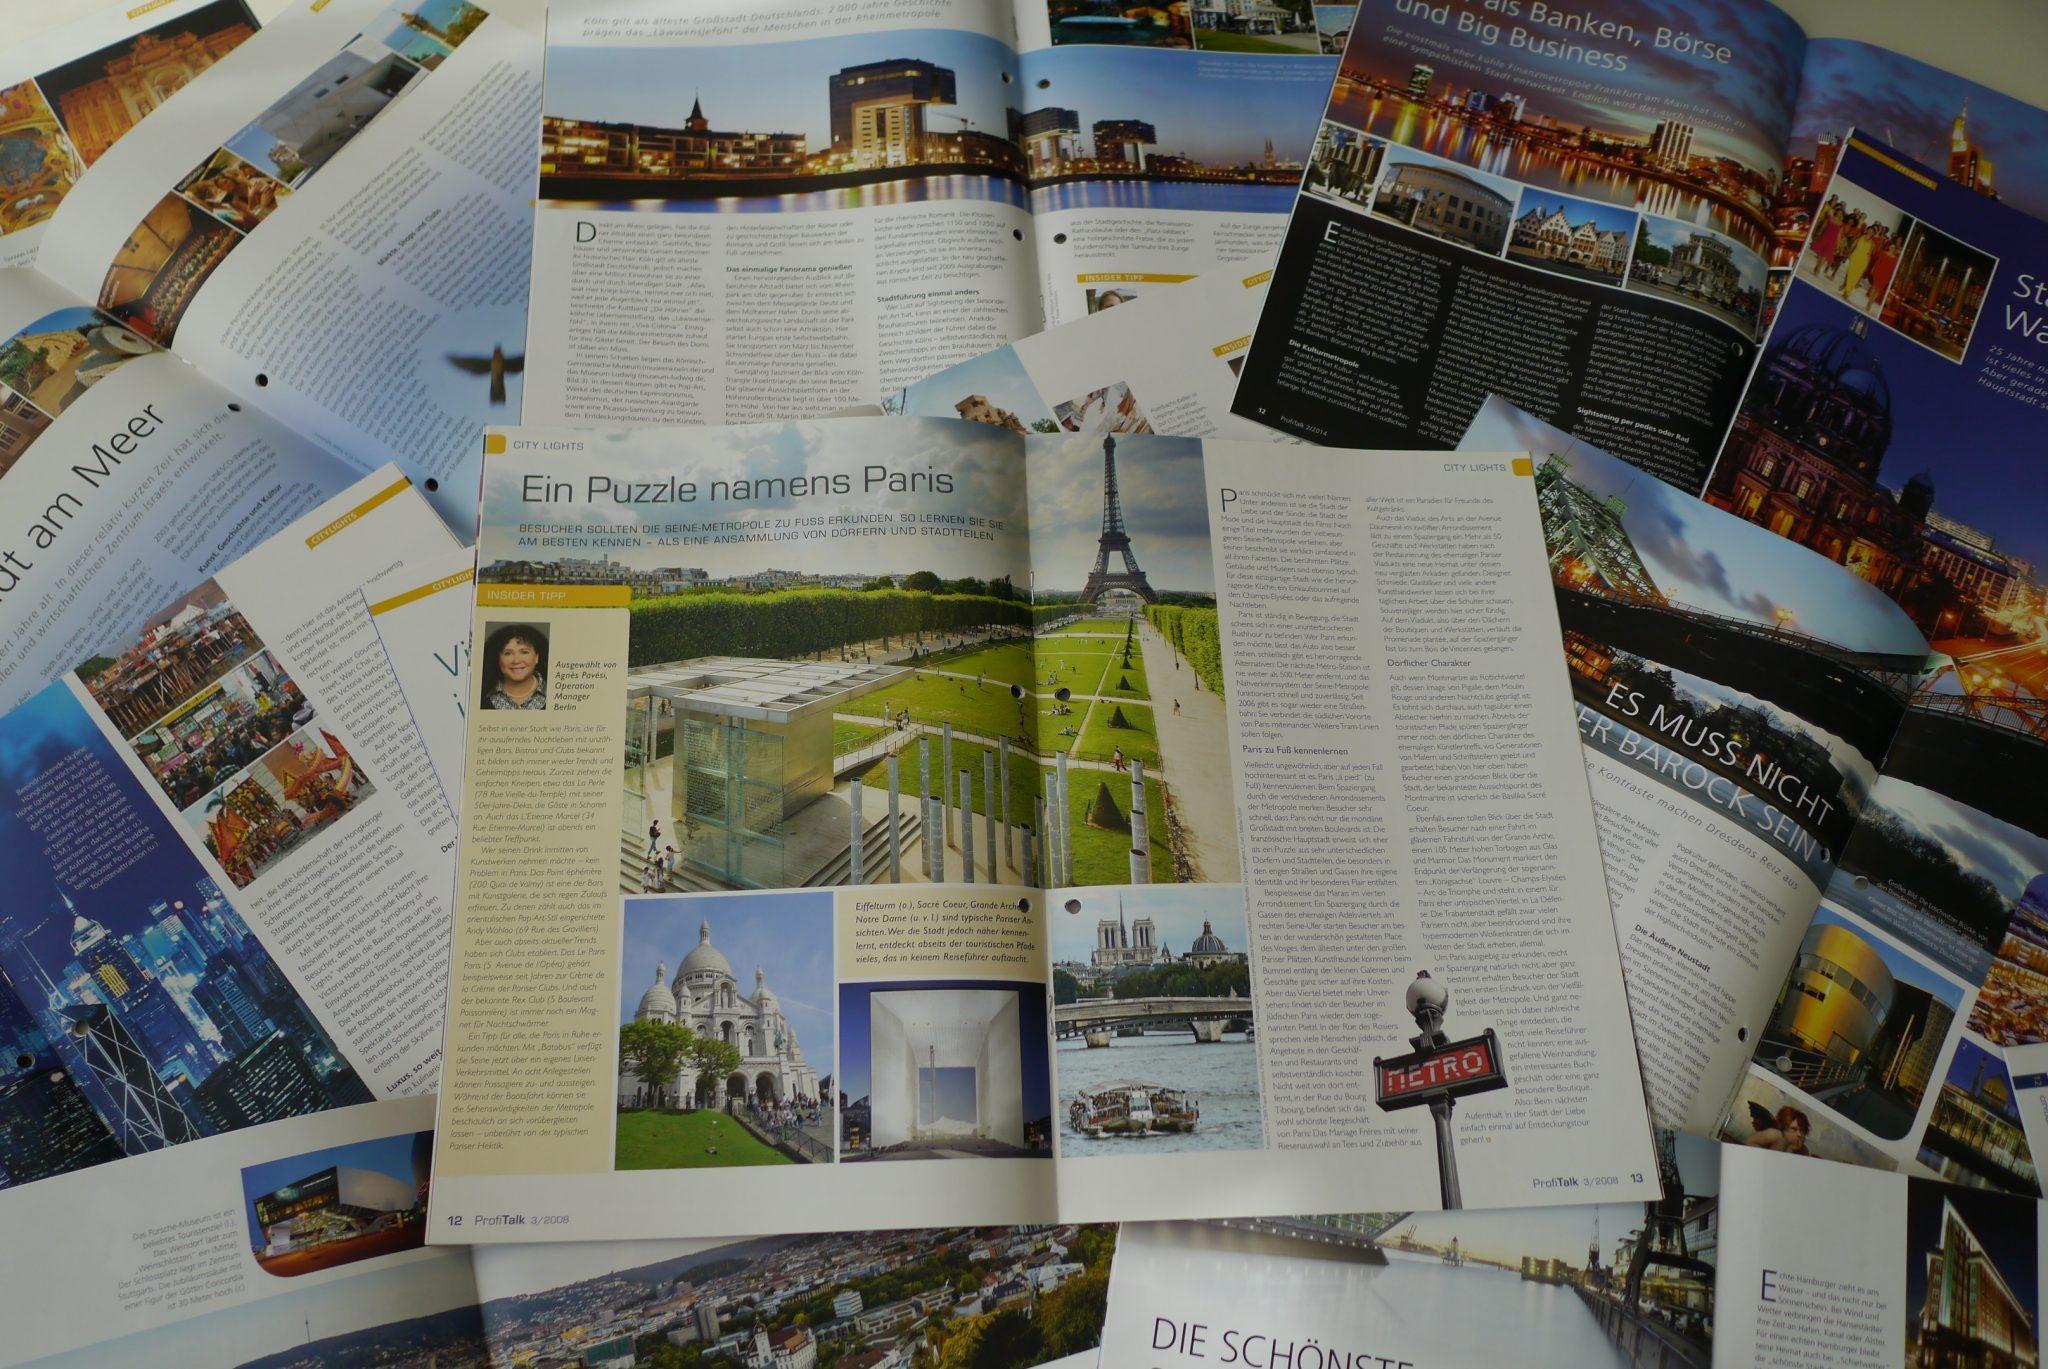 Ein Puzzle namens Paris